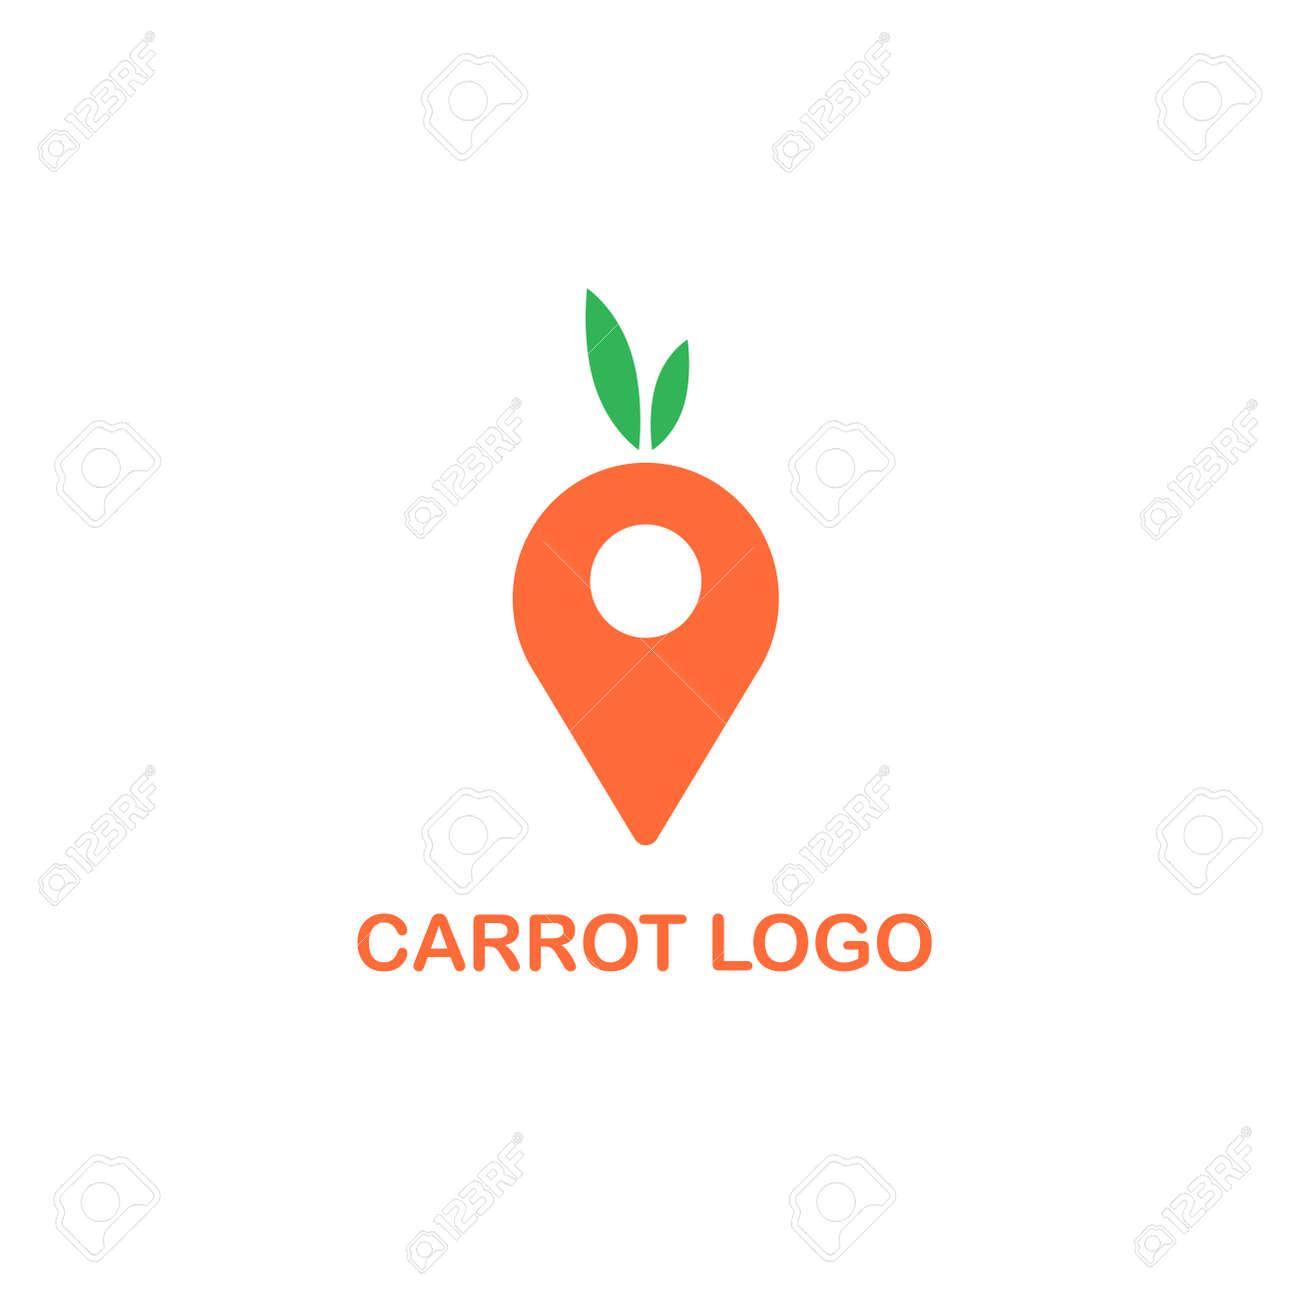 carrot pin logo icon design vector, market logo design - 168786270